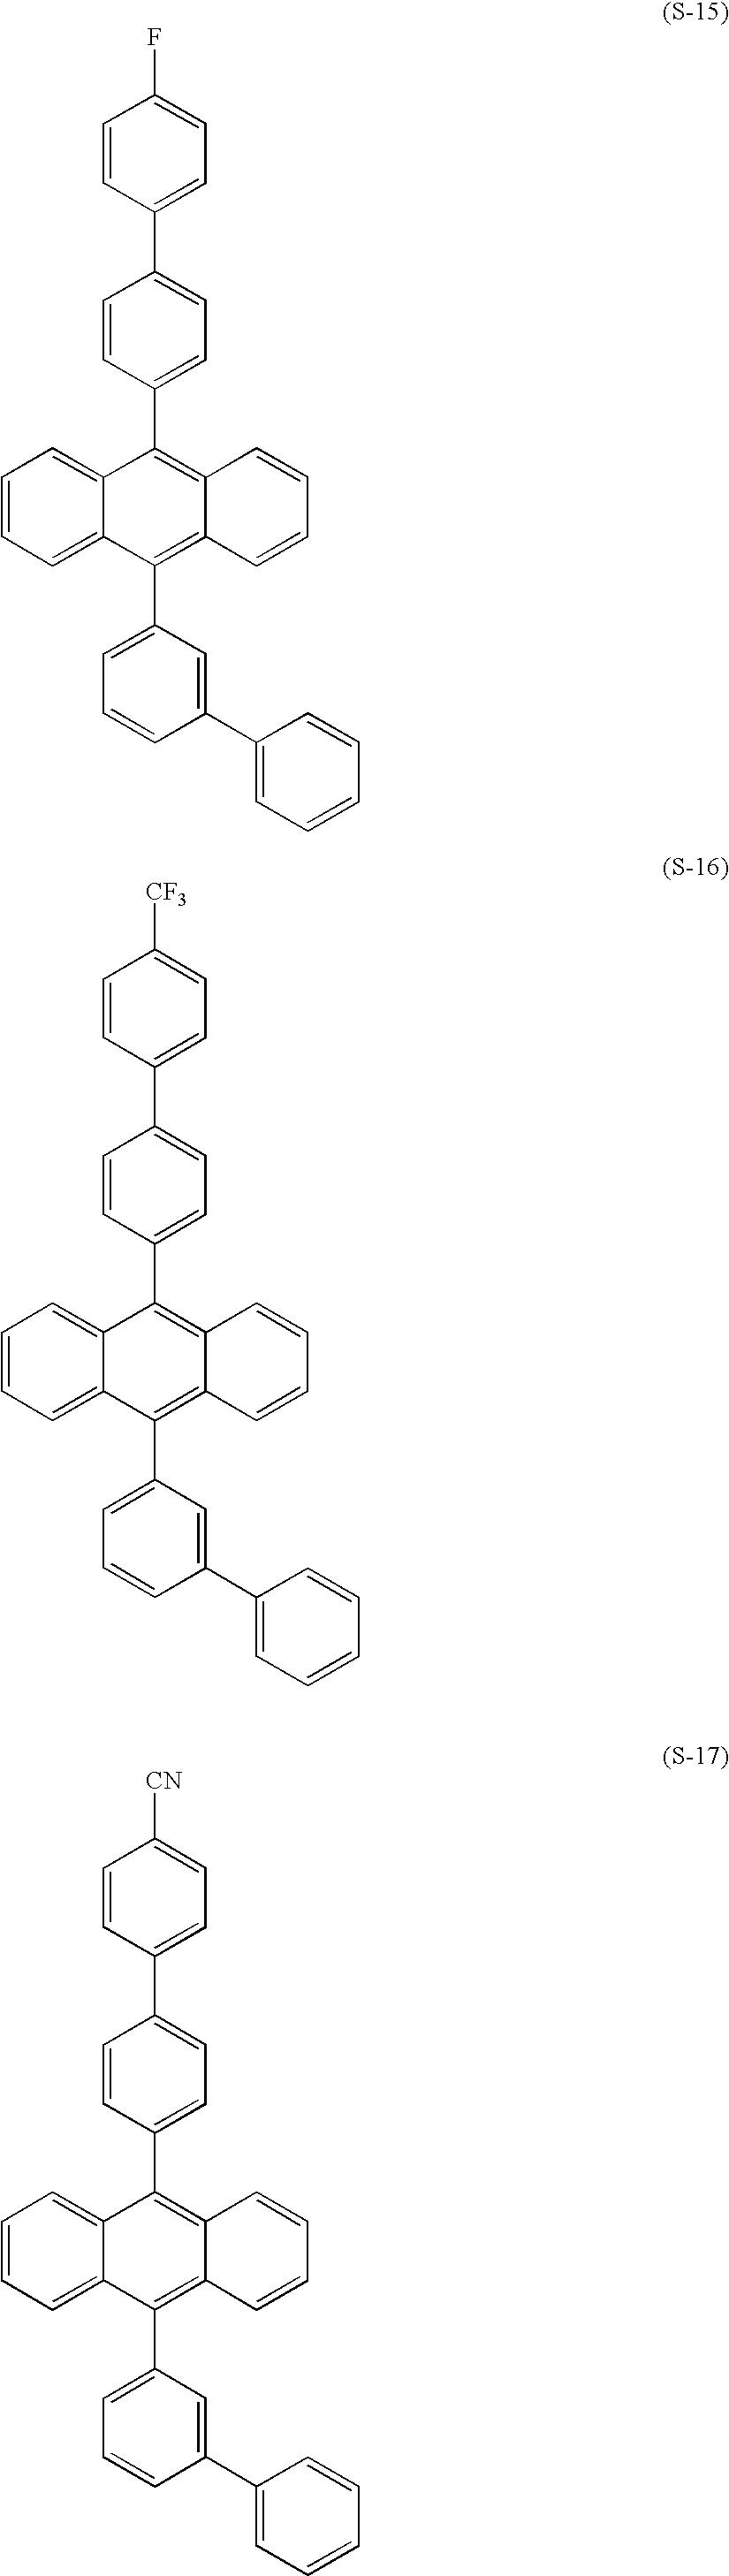 Figure US20090191427A1-20090730-C00071